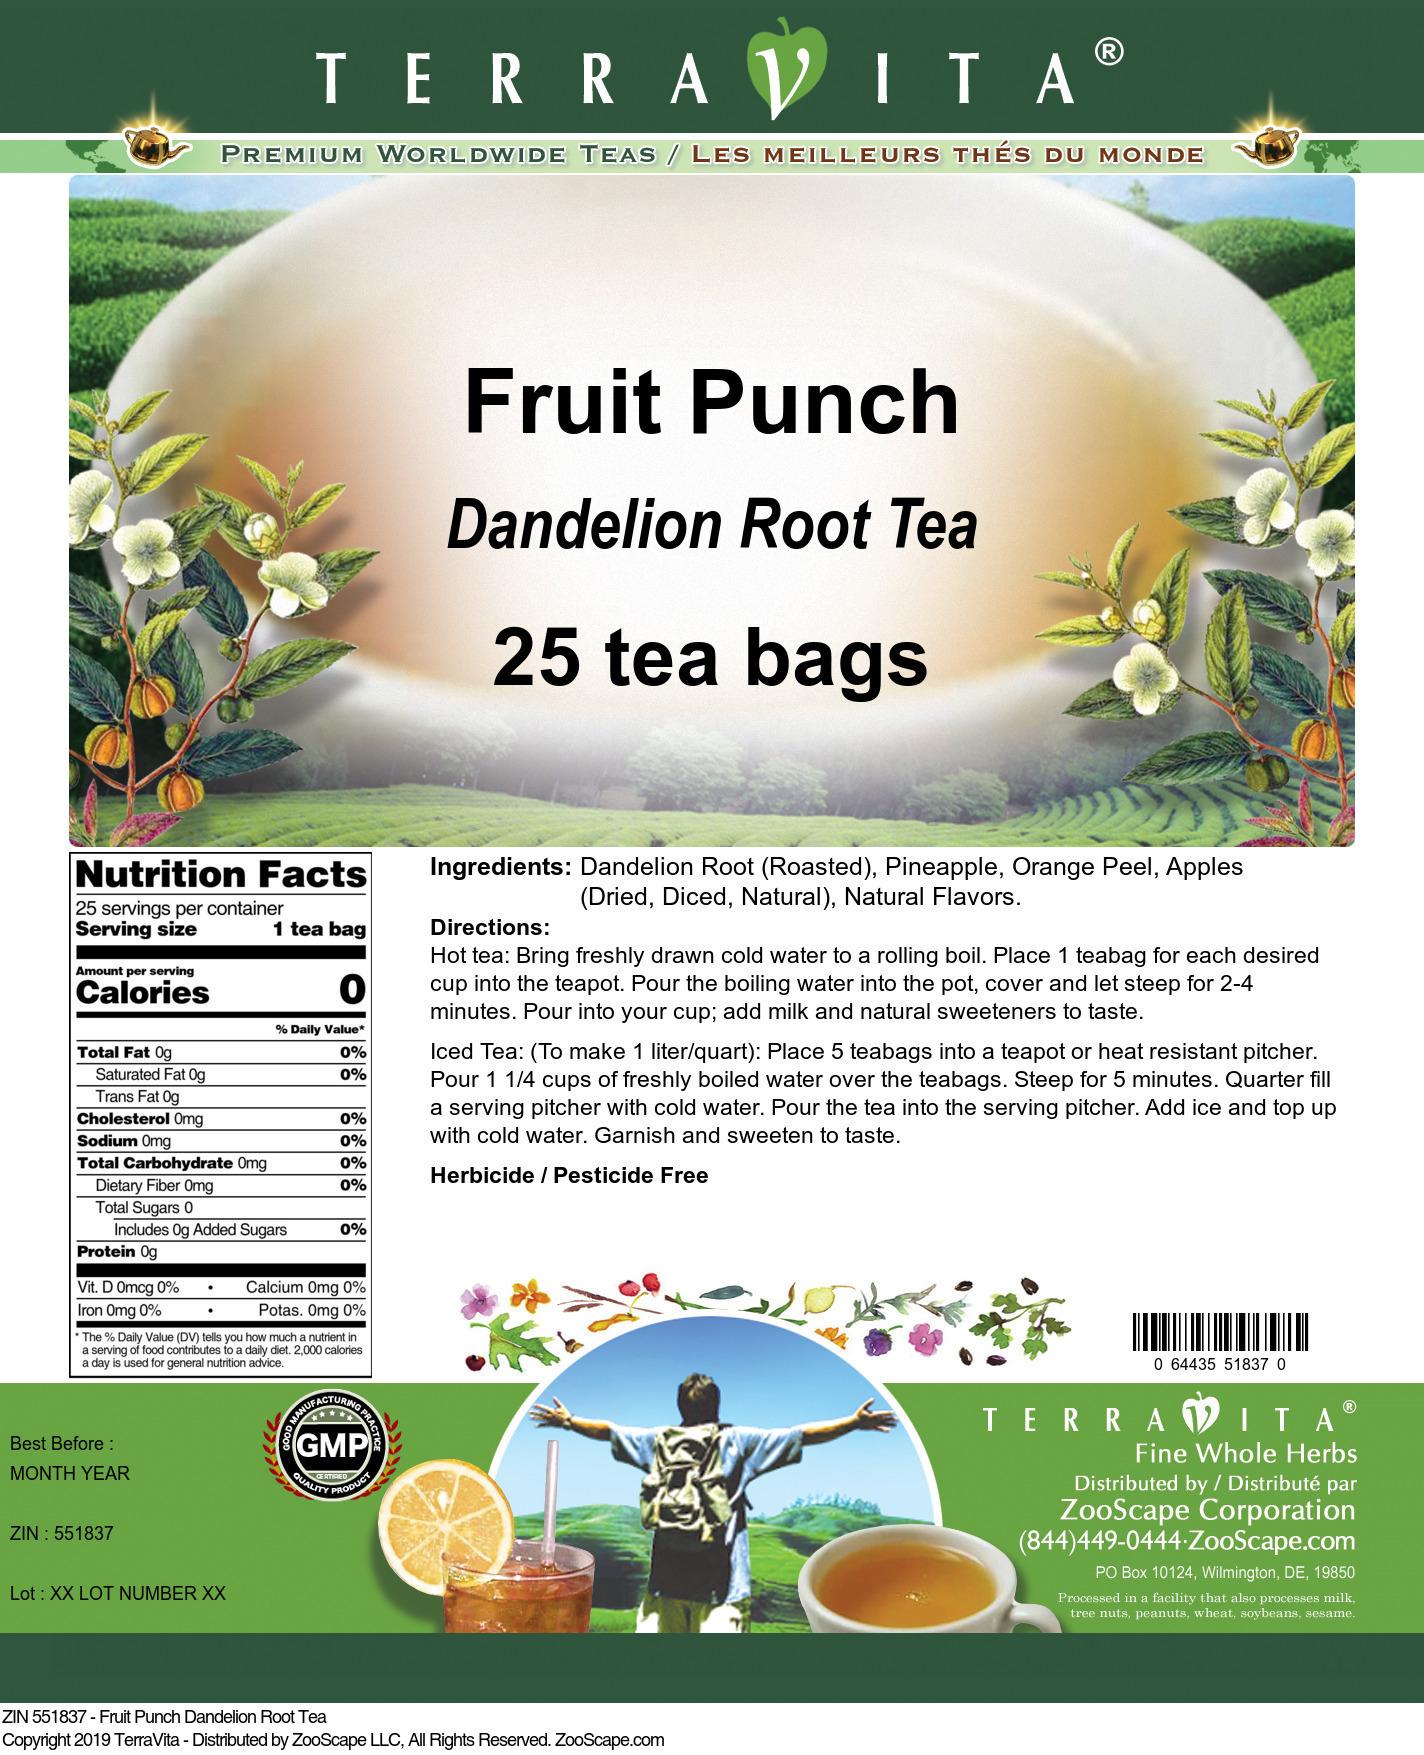 Fruit Punch Dandelion Root Tea